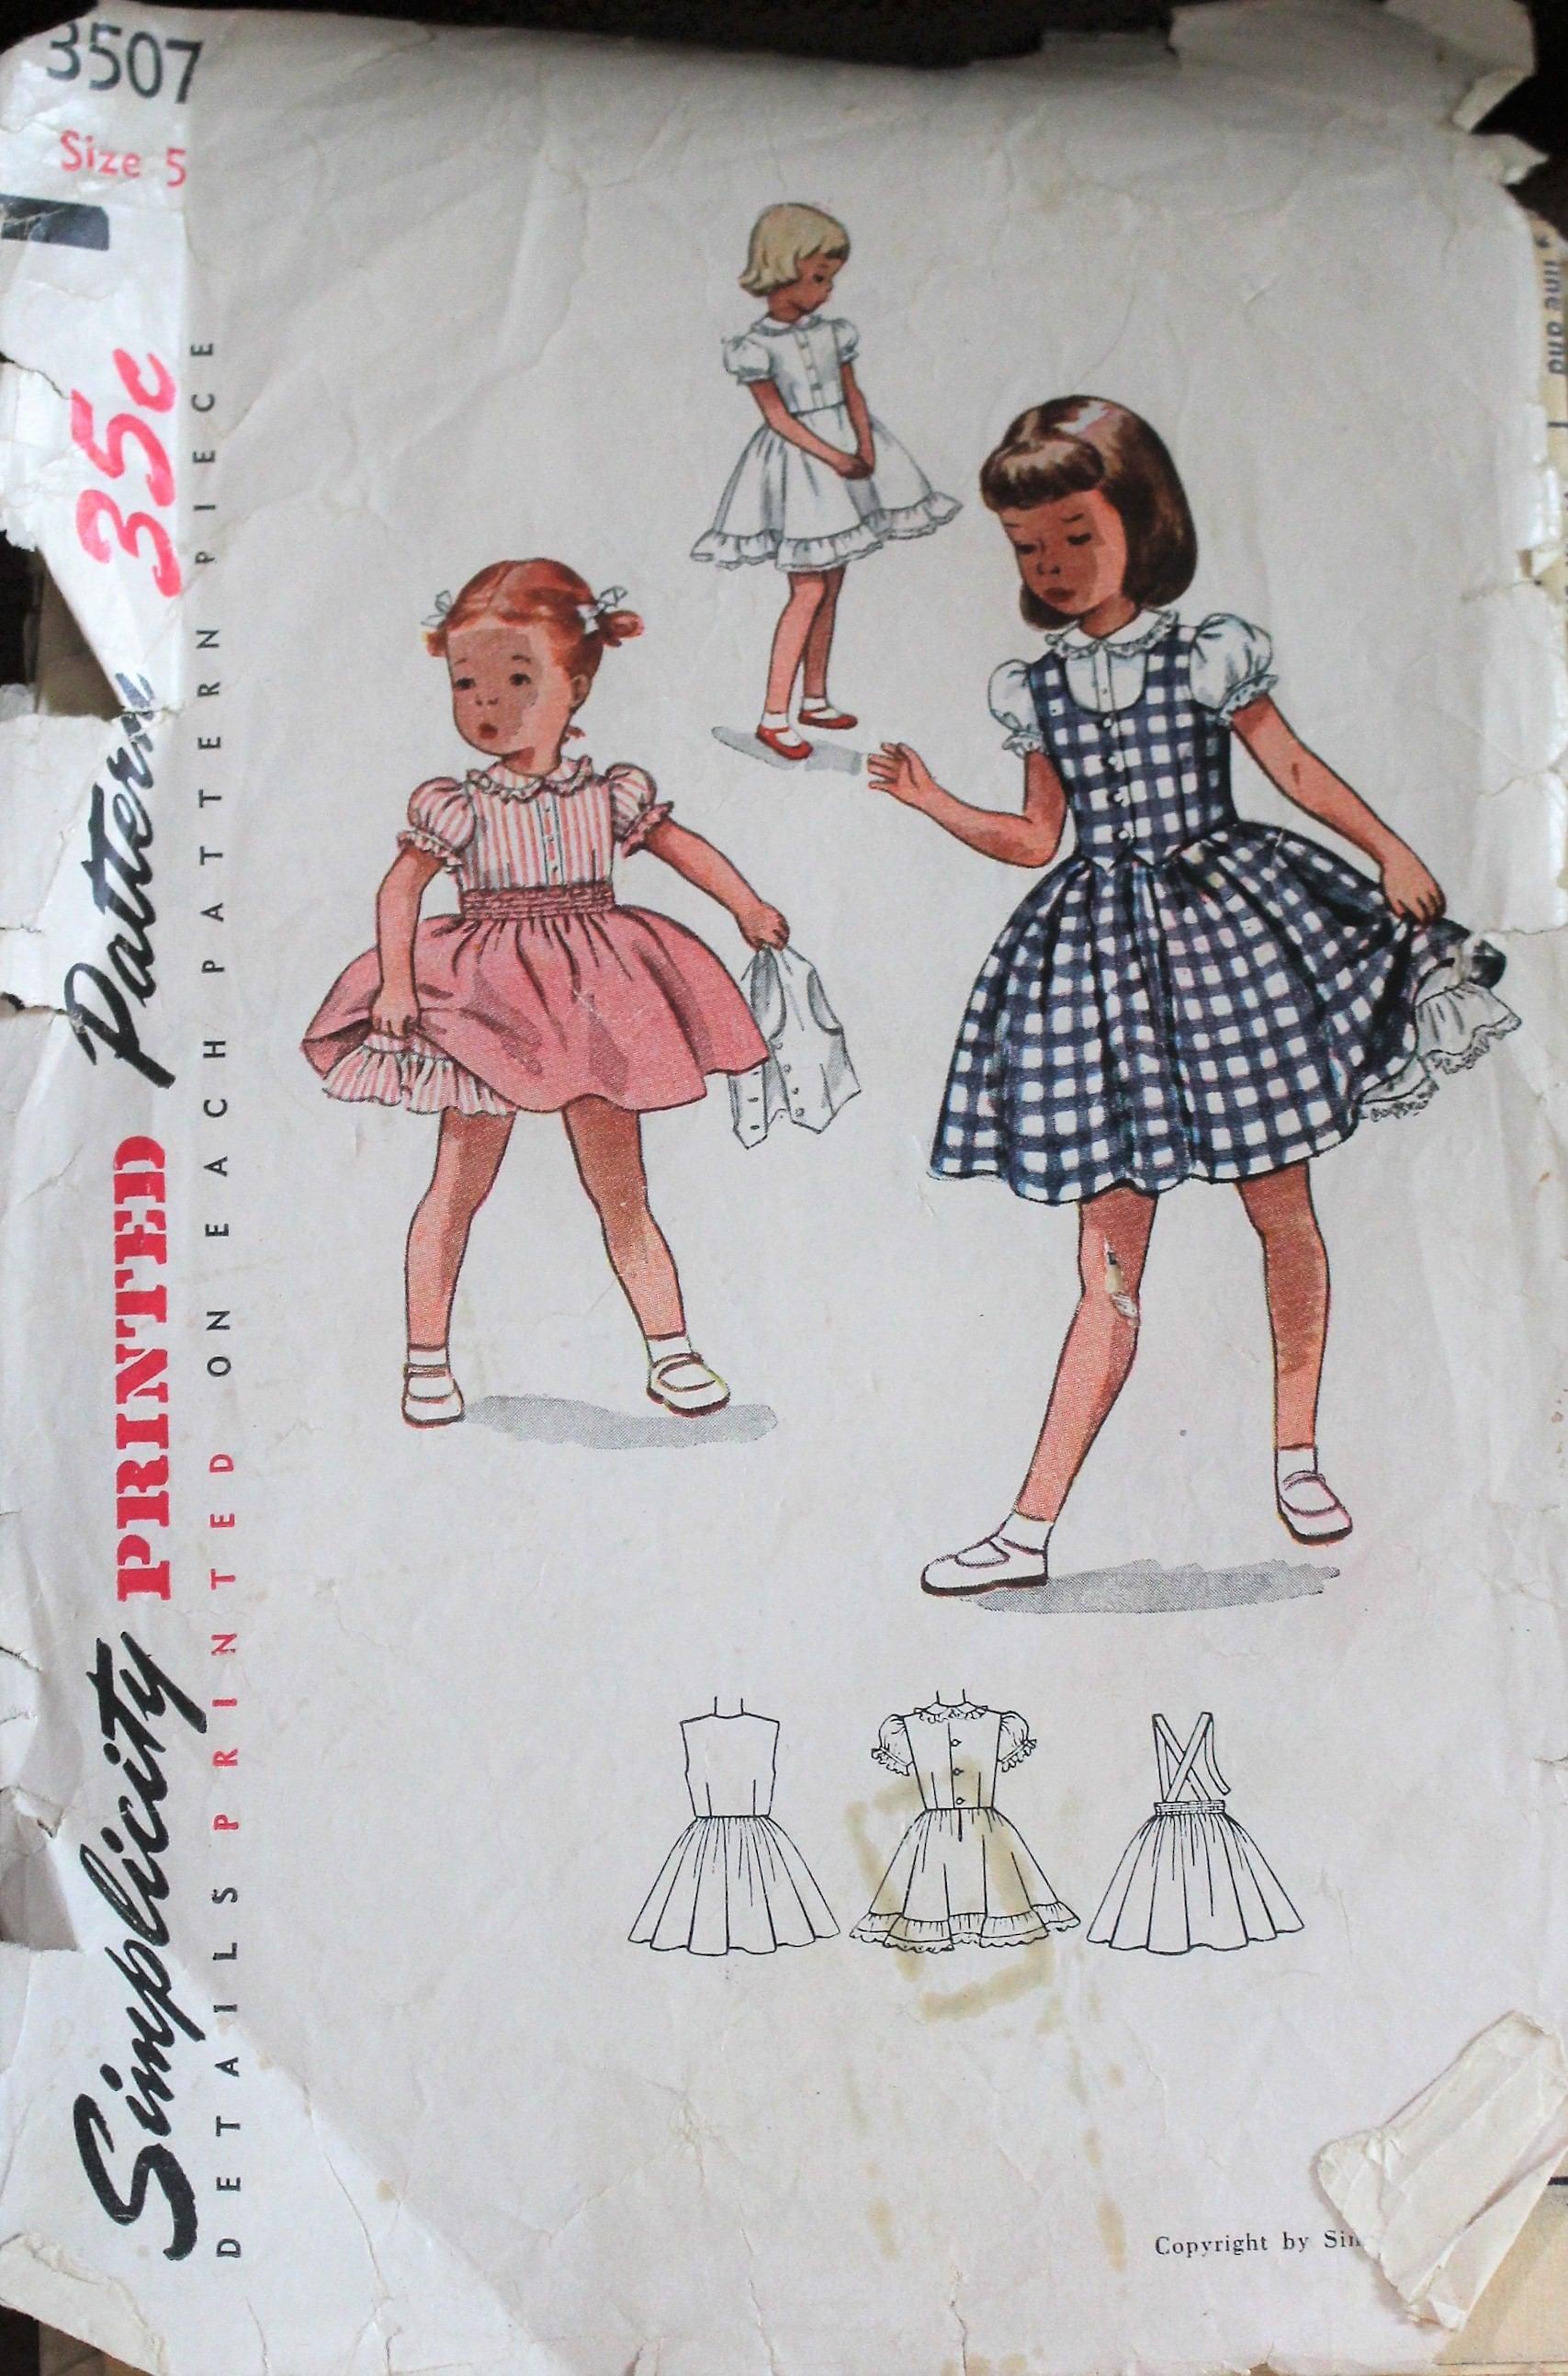 ÚNICO! Patrón de costura vintage de los años 1950 simplicidad #3507 ...